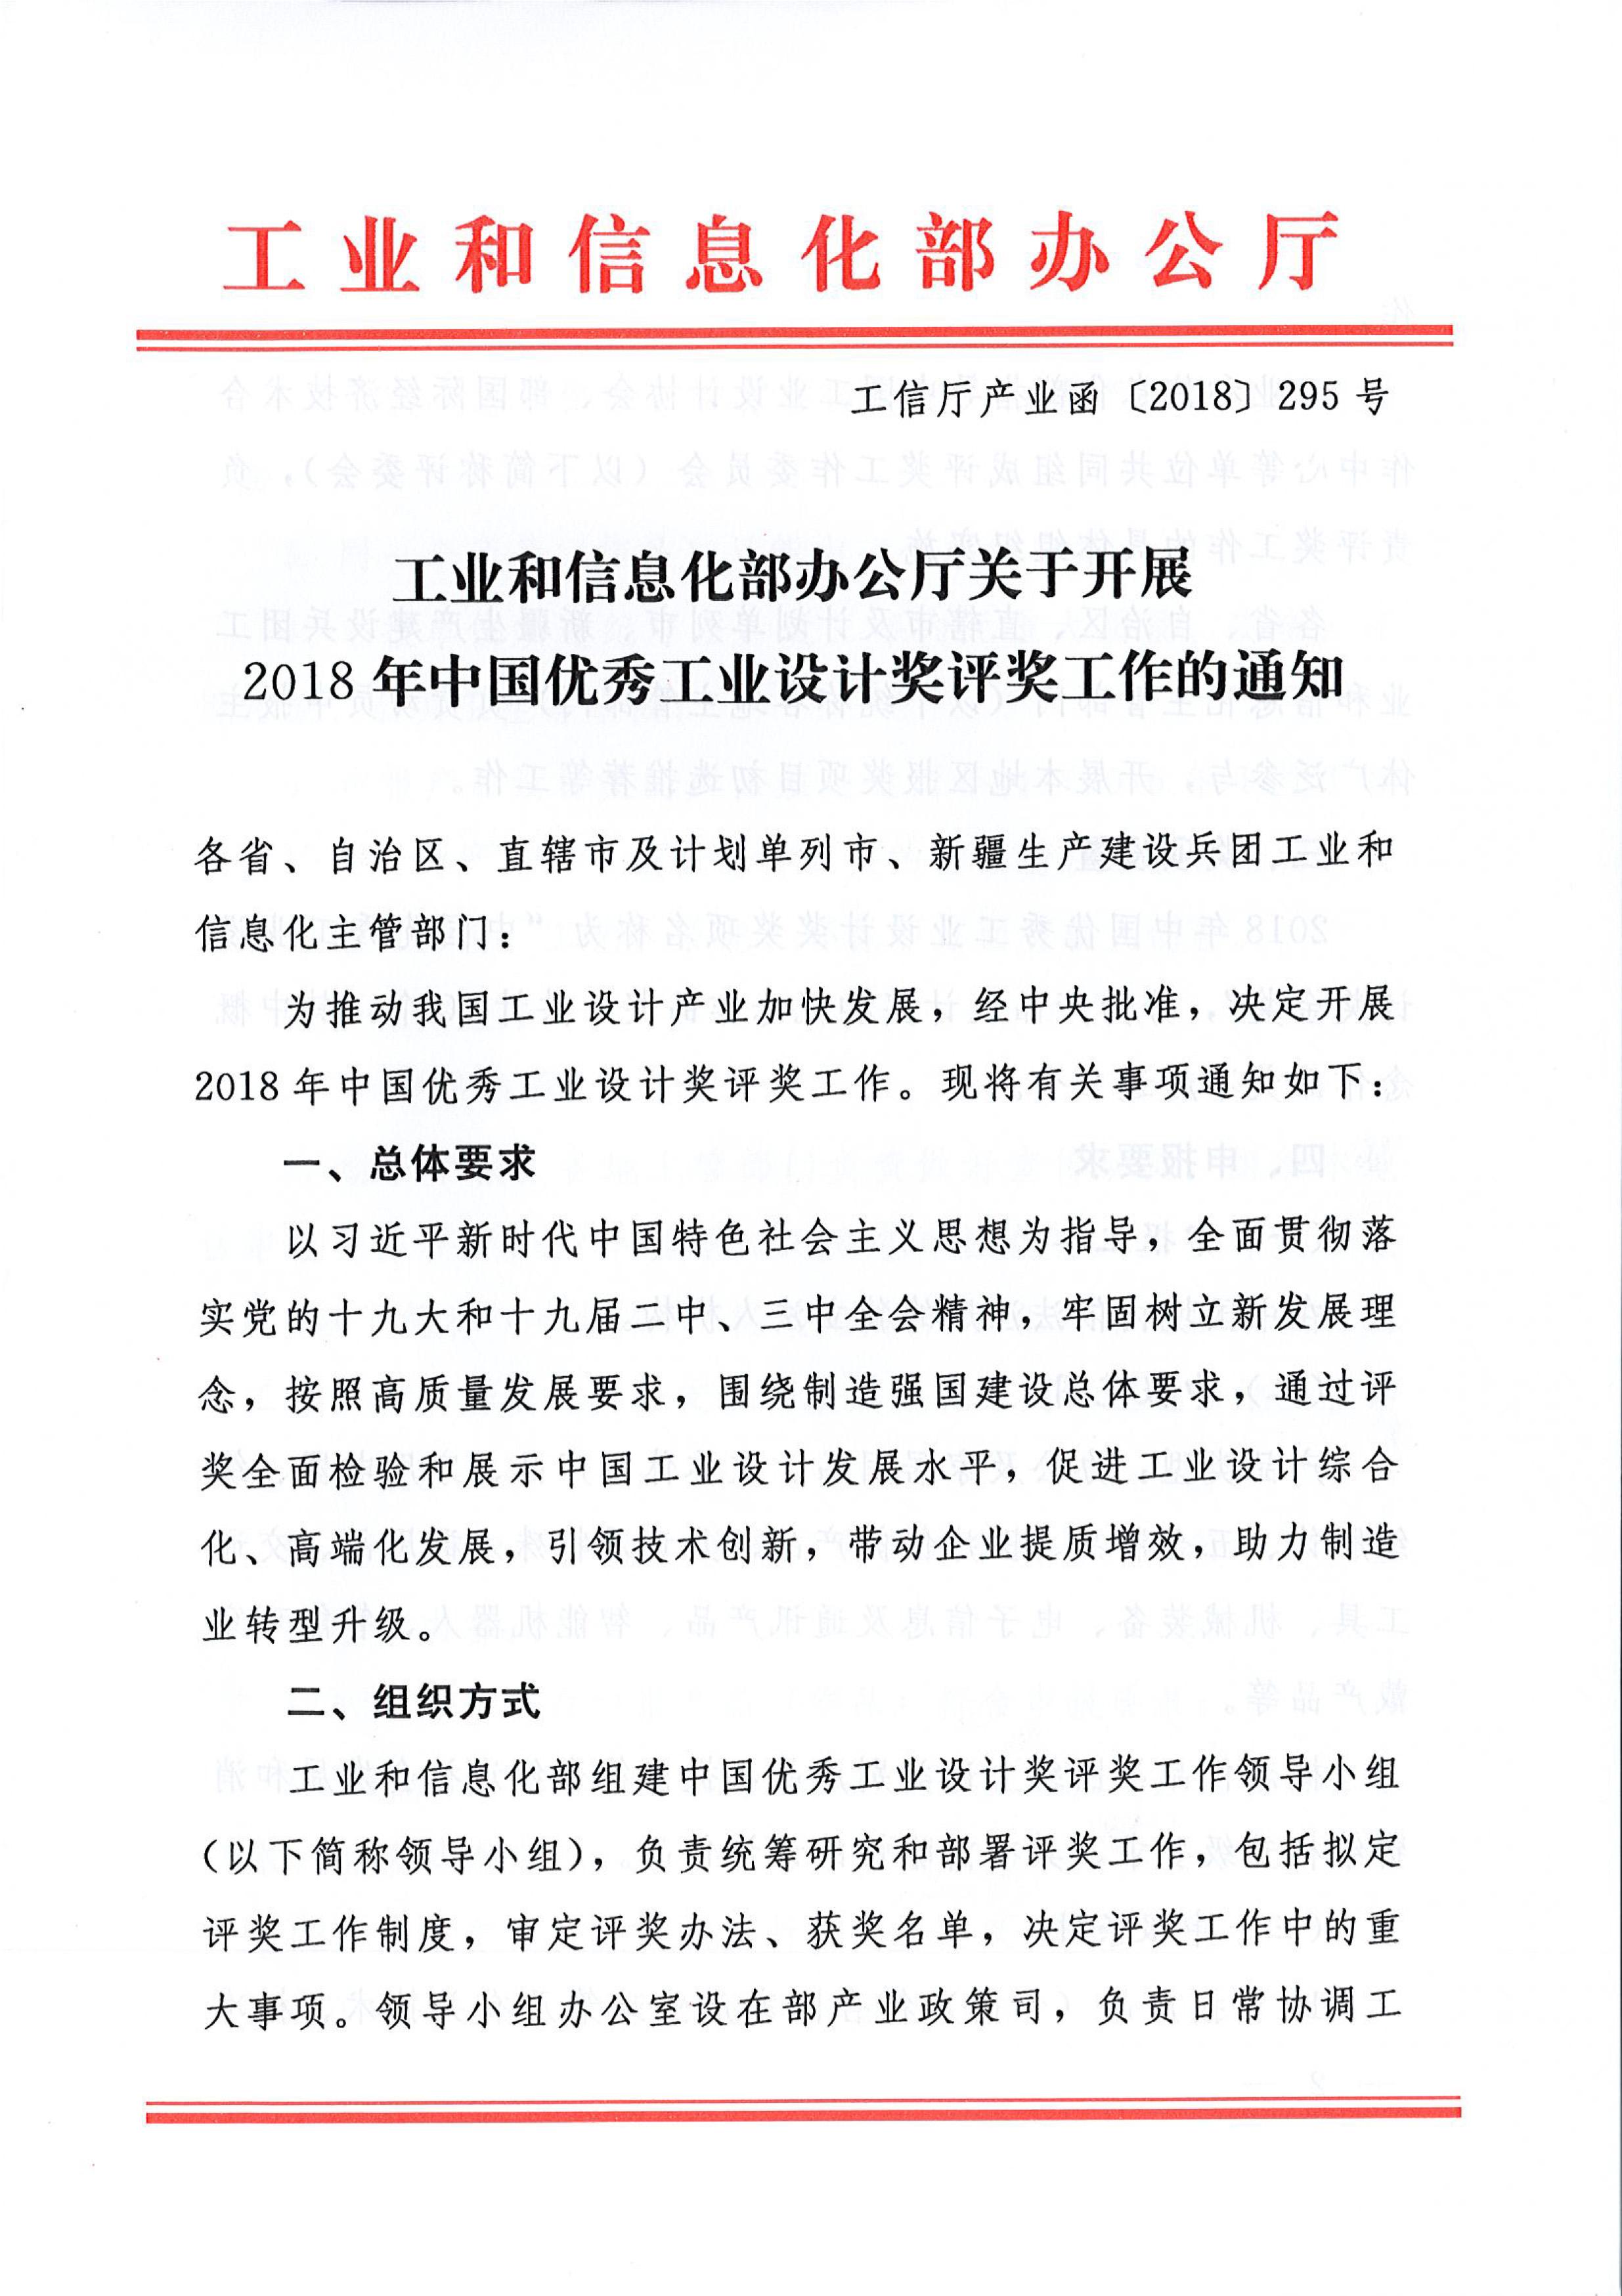 工业和信息化部办公厅关于开展2018年中国优秀工业设计奖评奖工作的通知